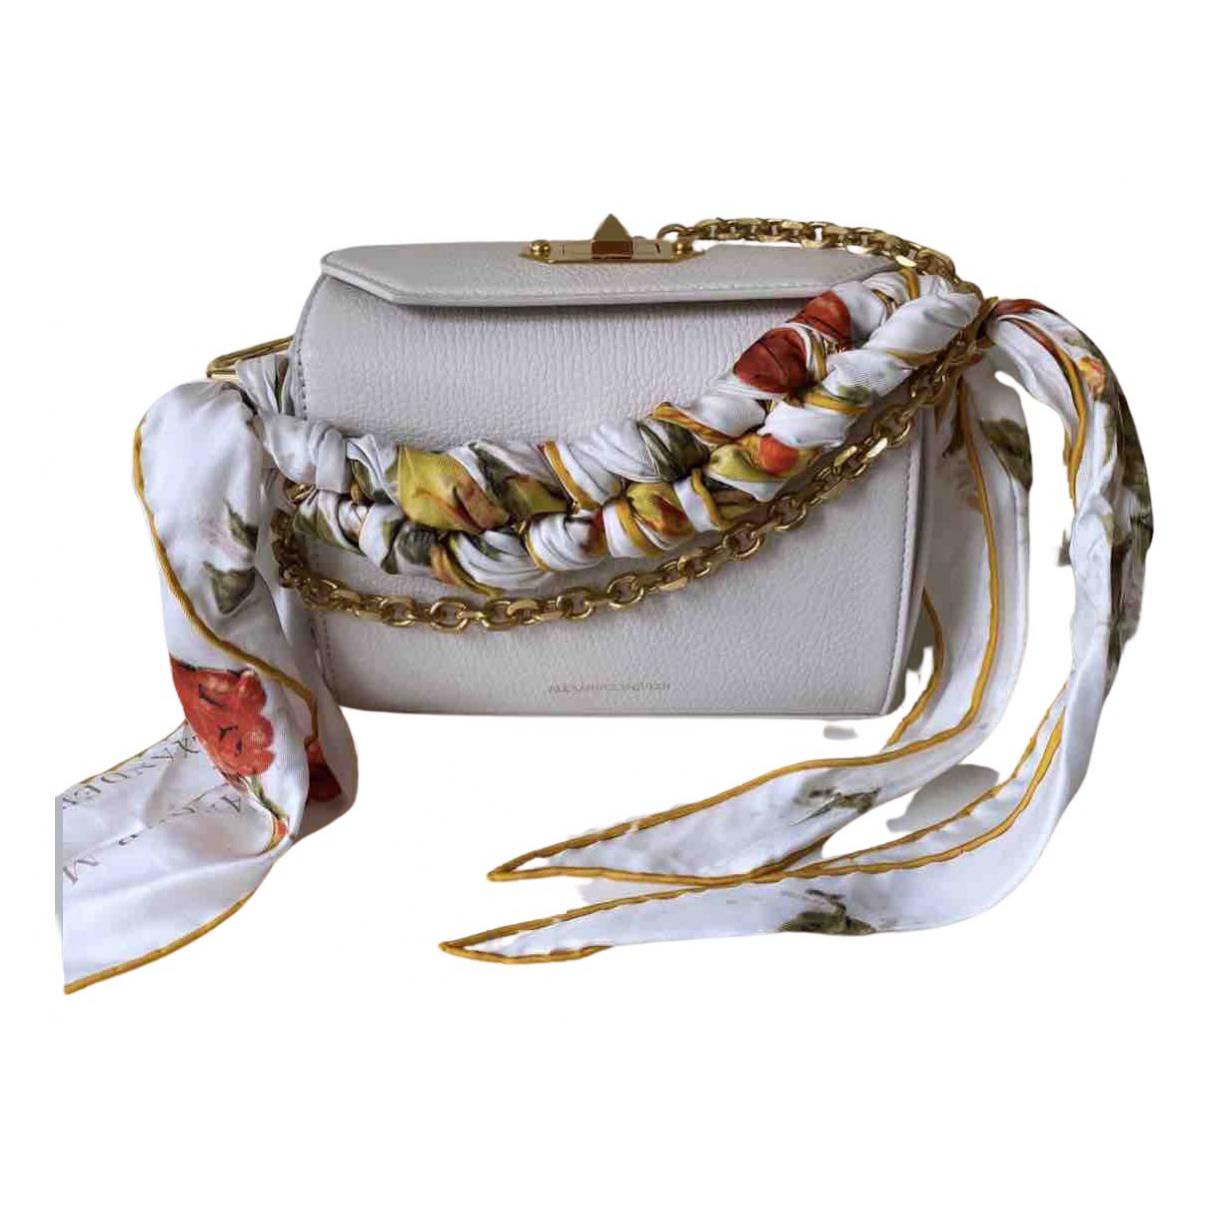 Alexander Mcqueen Box 19 White Leather handbag for Women N